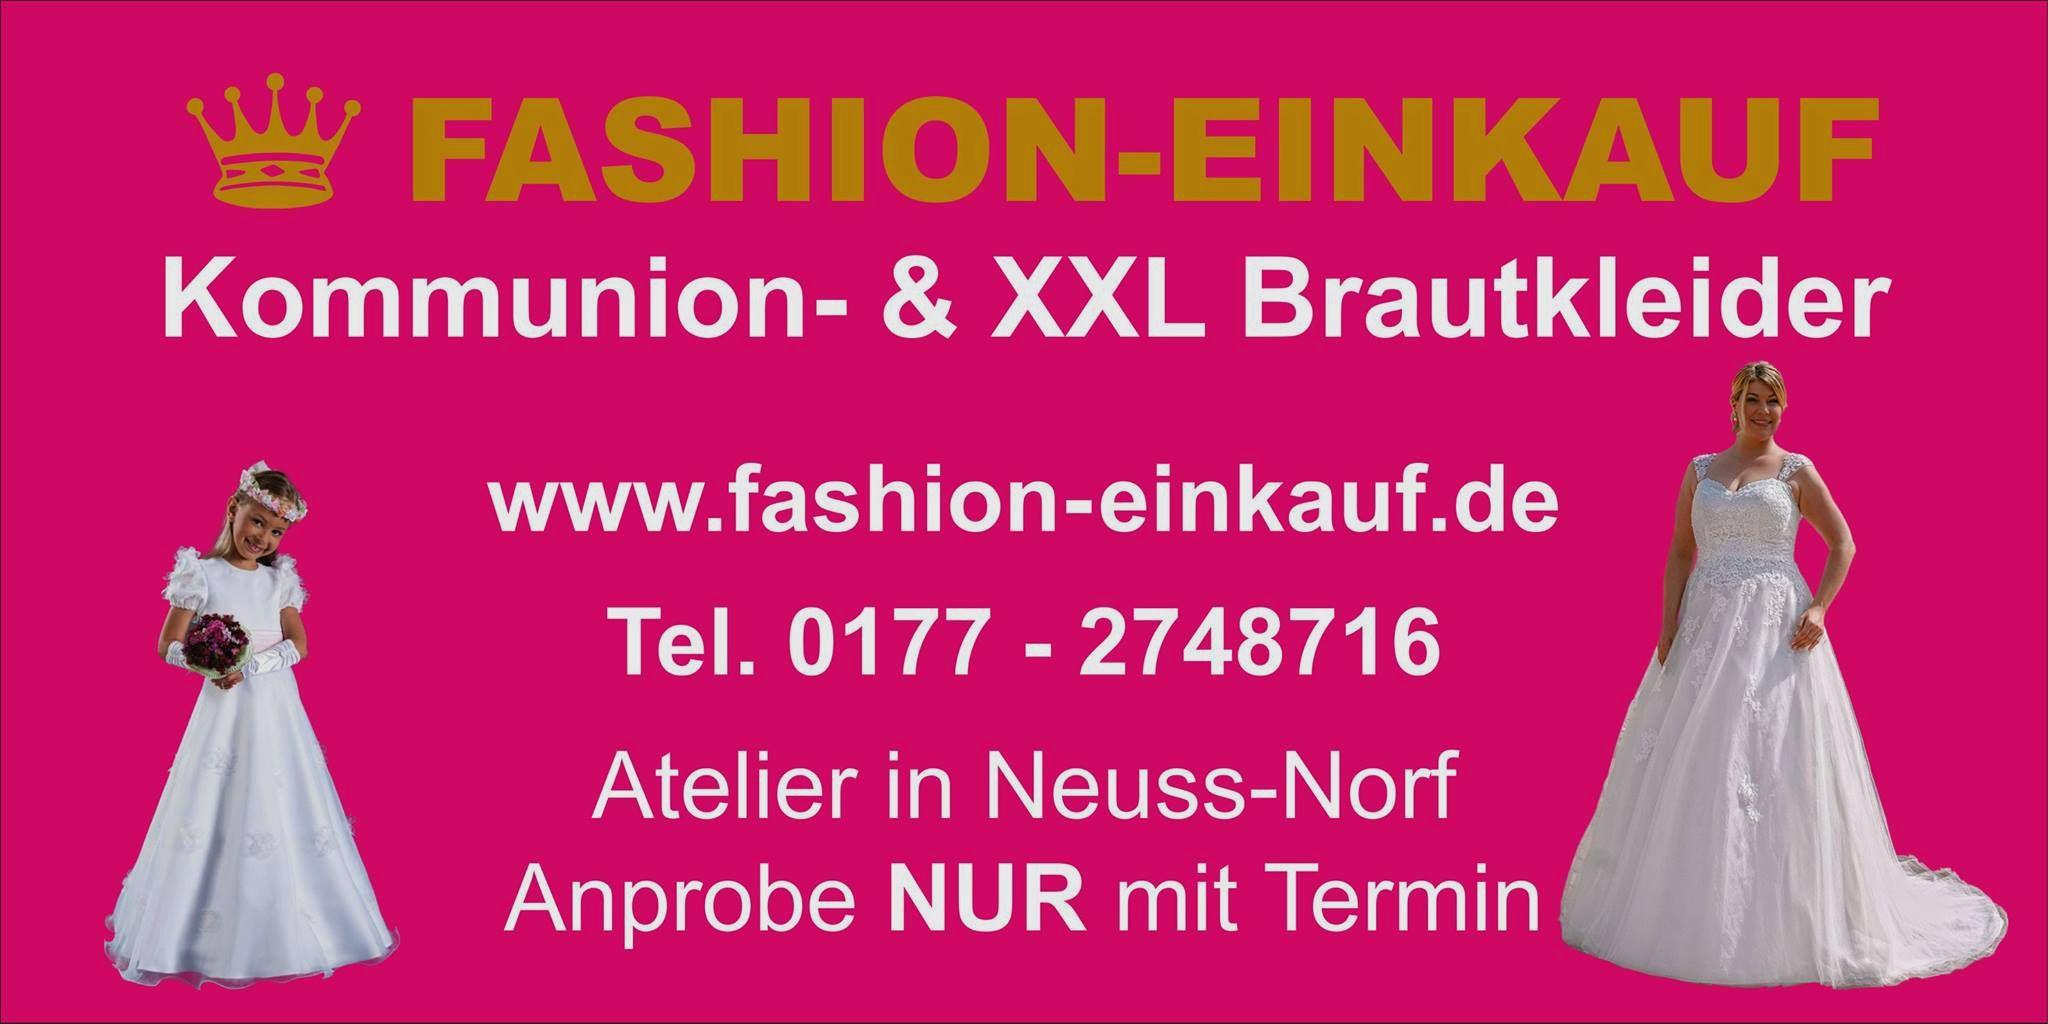 Fashion-Einkauf